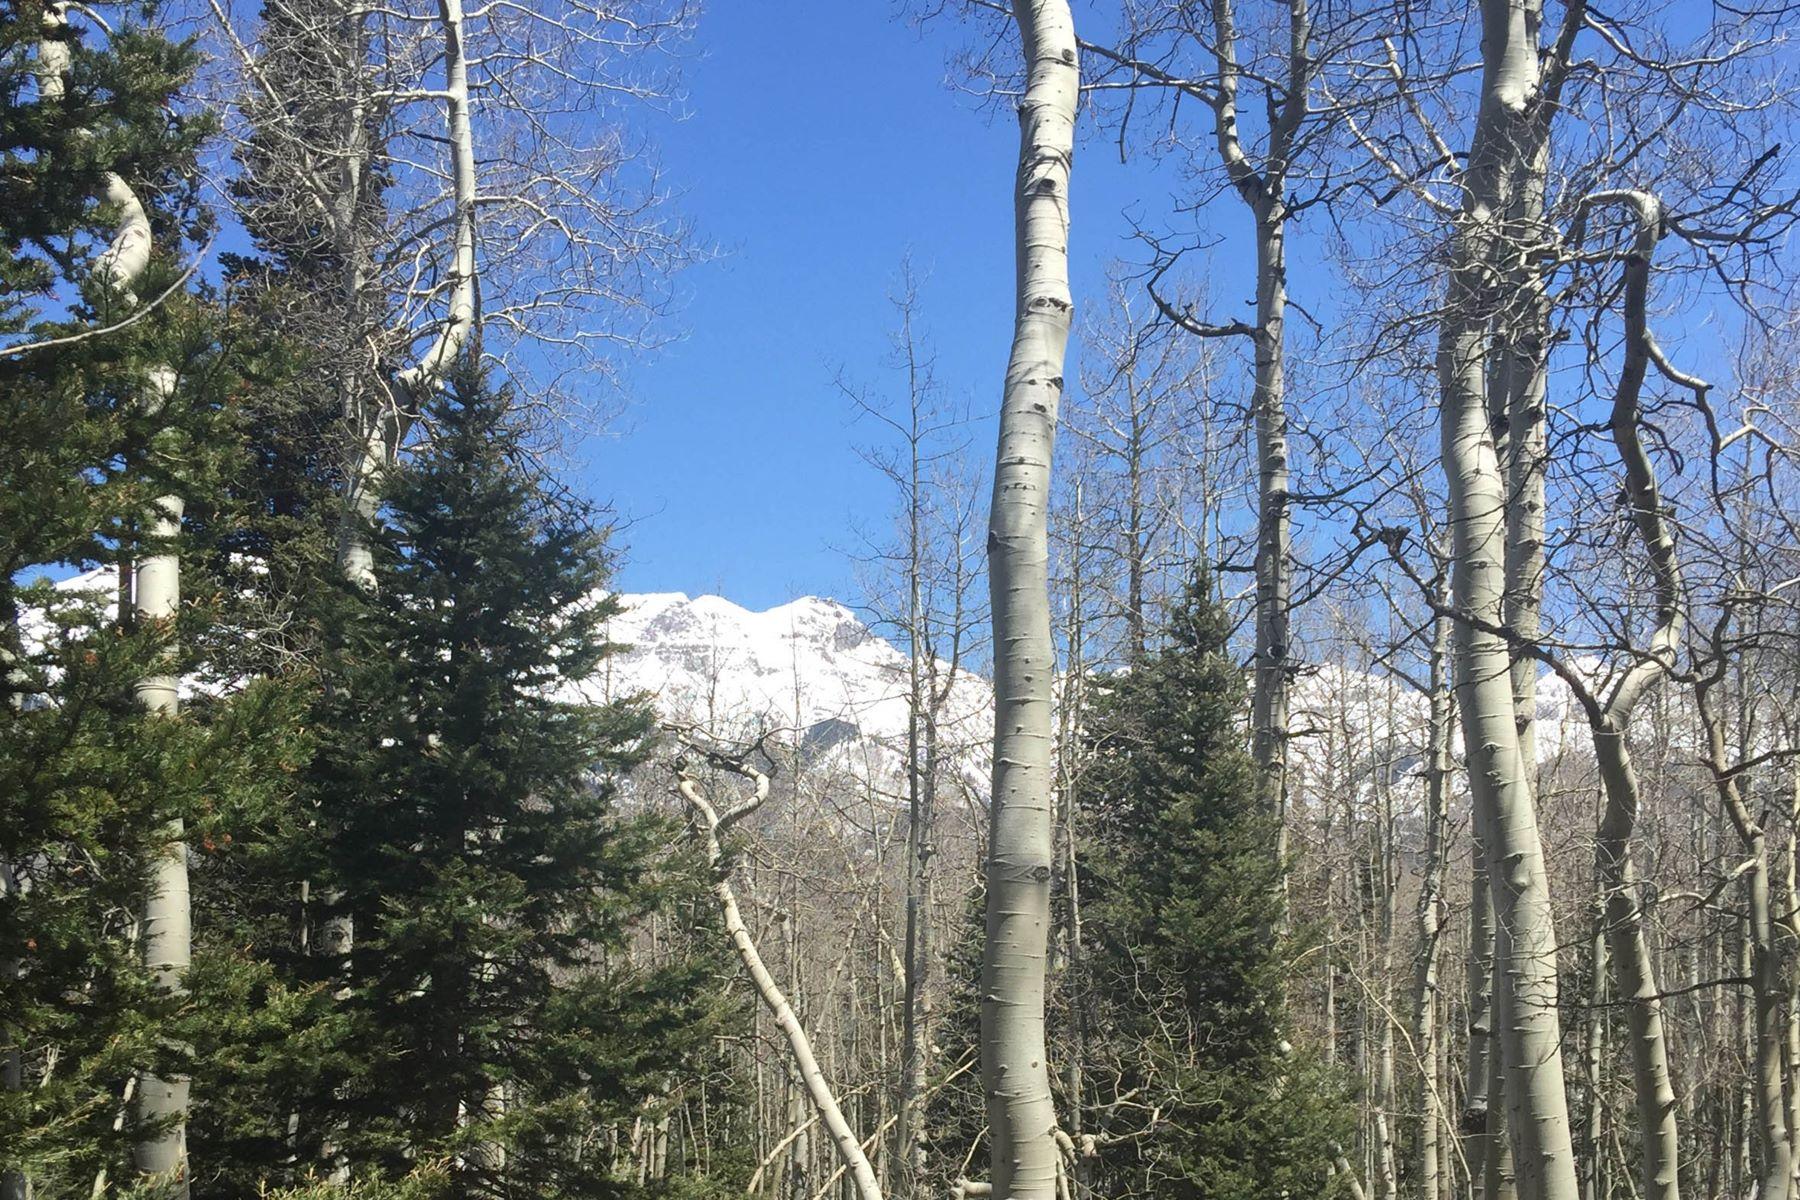 Terreno para Venda às TBD Saddlehorn Lane, Lot 4 Telluride, Colorado, 81435 Estados Unidos